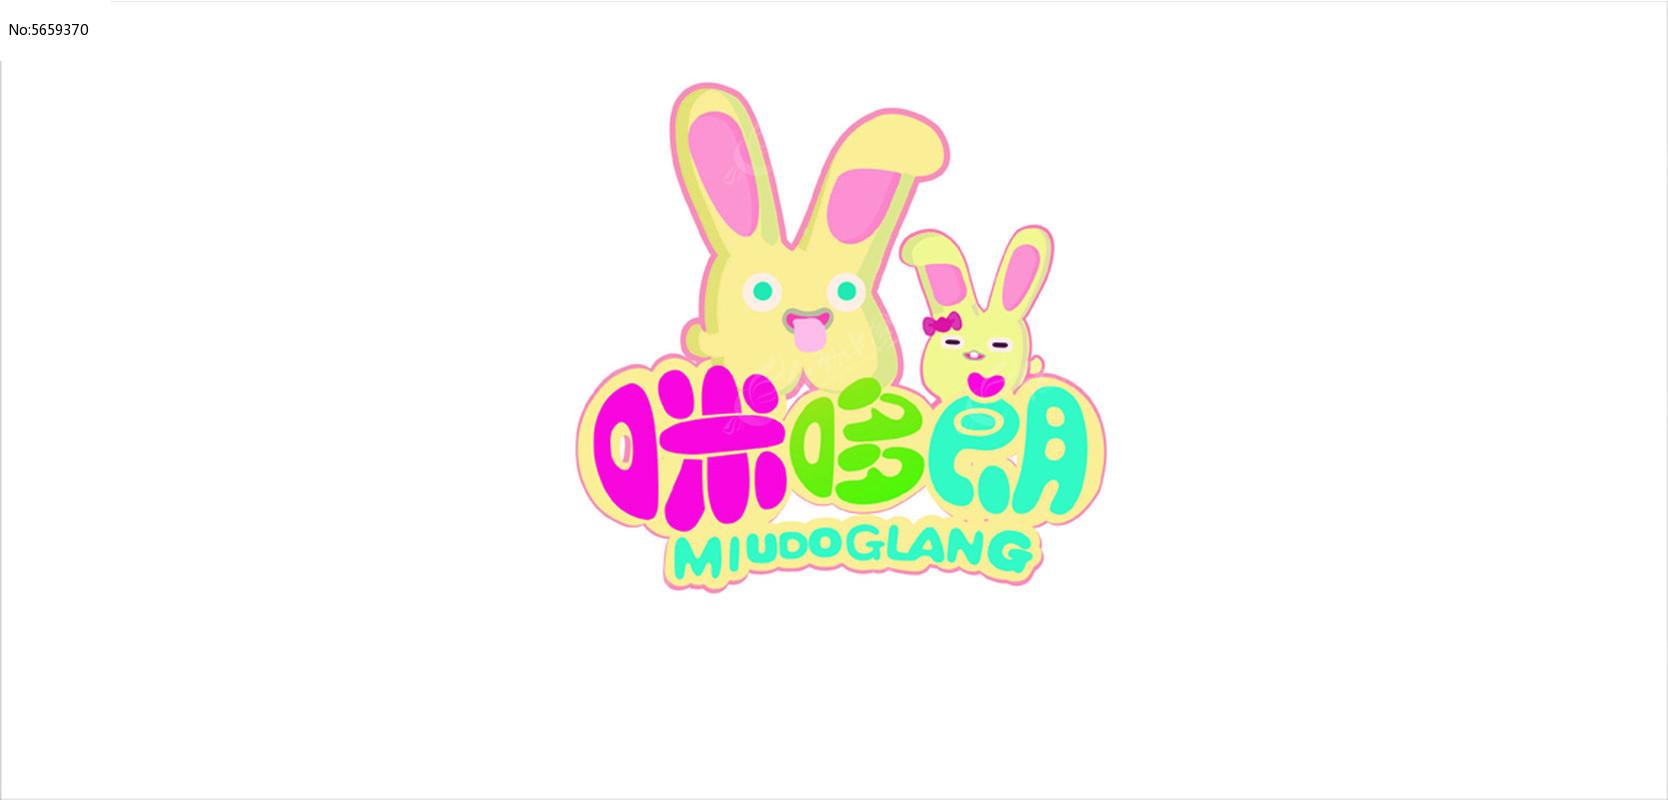 可爱卡通标志logo设计